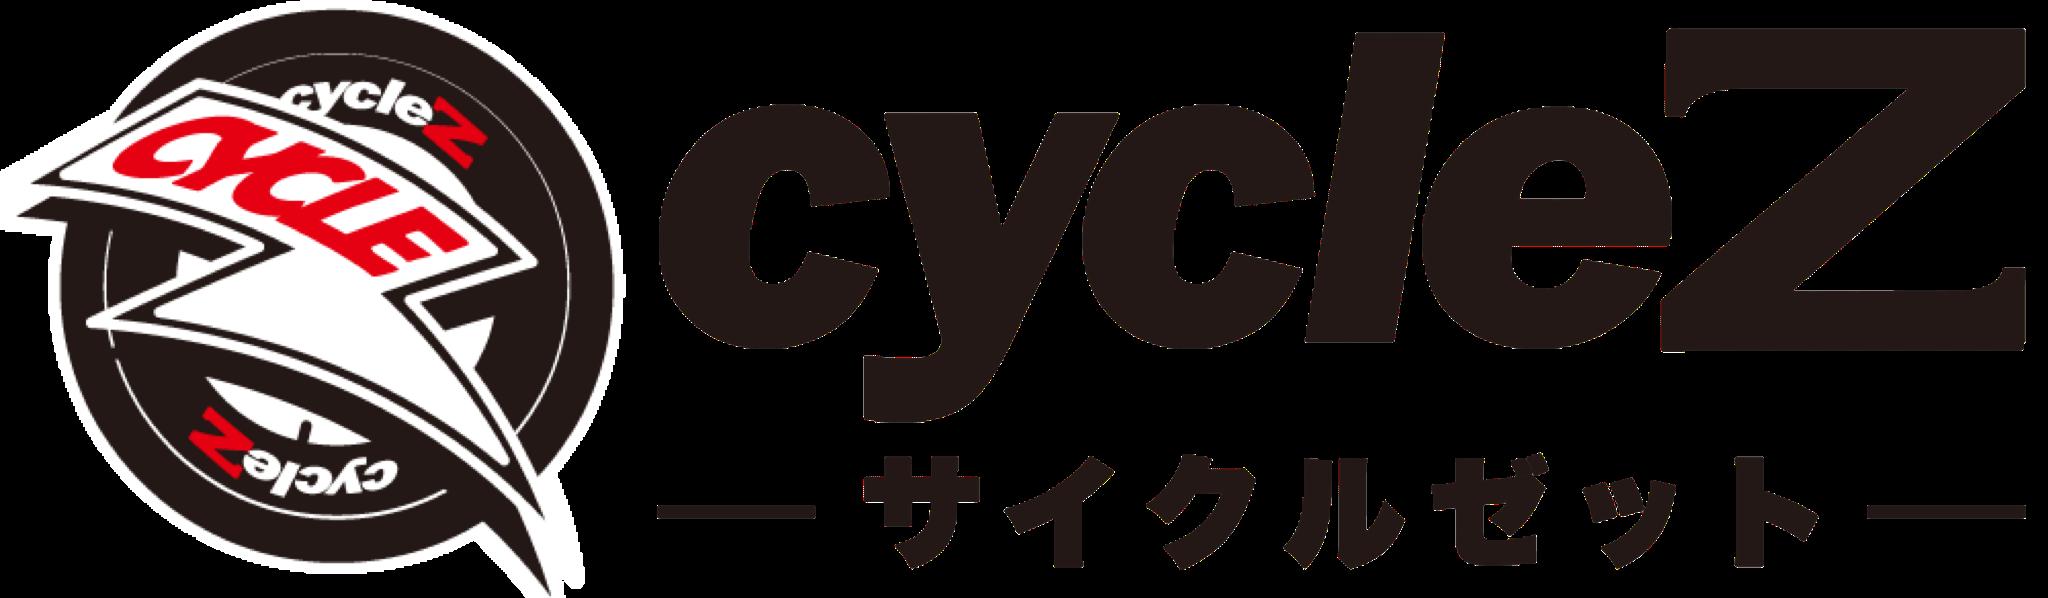 cyclez